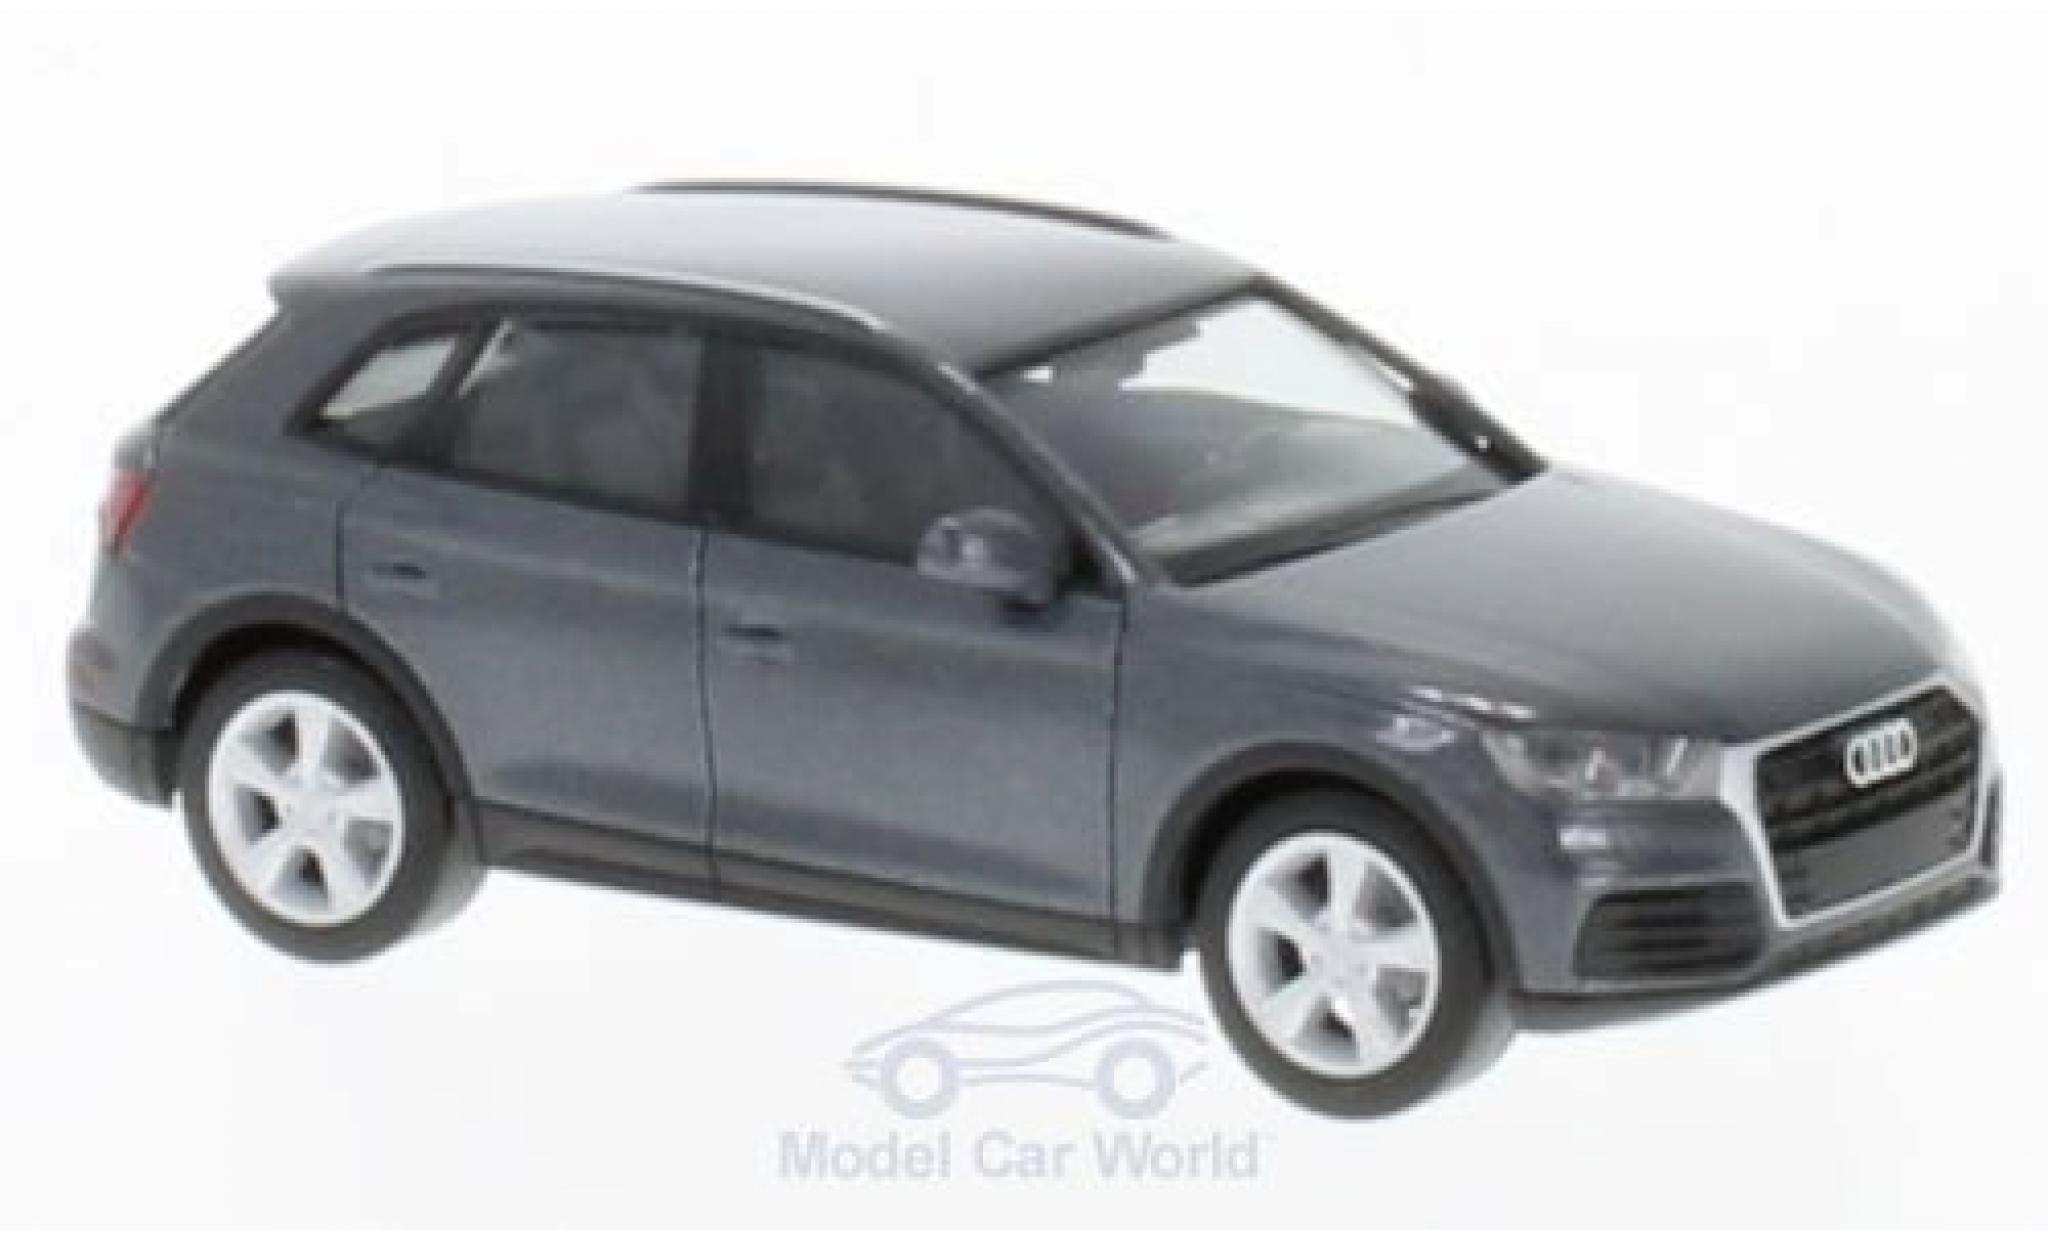 Audi Q5 1/87 Herpa métallisé grise